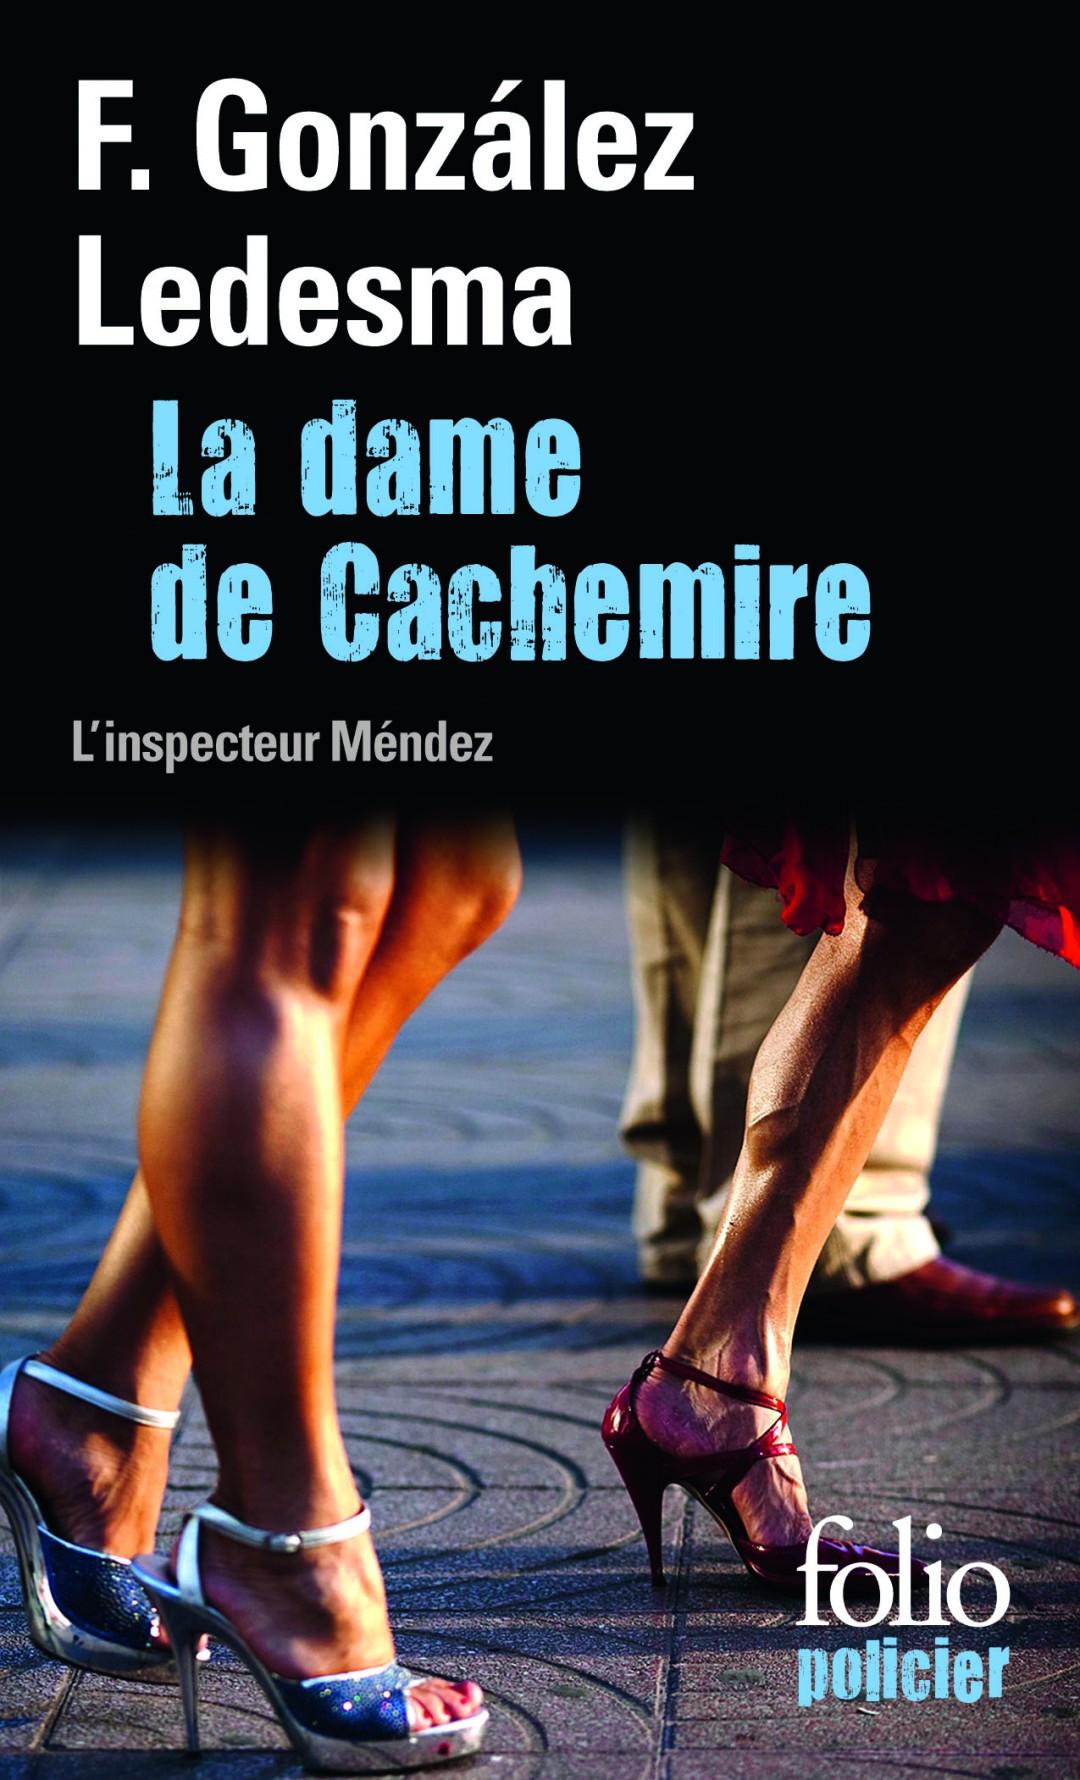 ledesma_dame_cachemire.indd